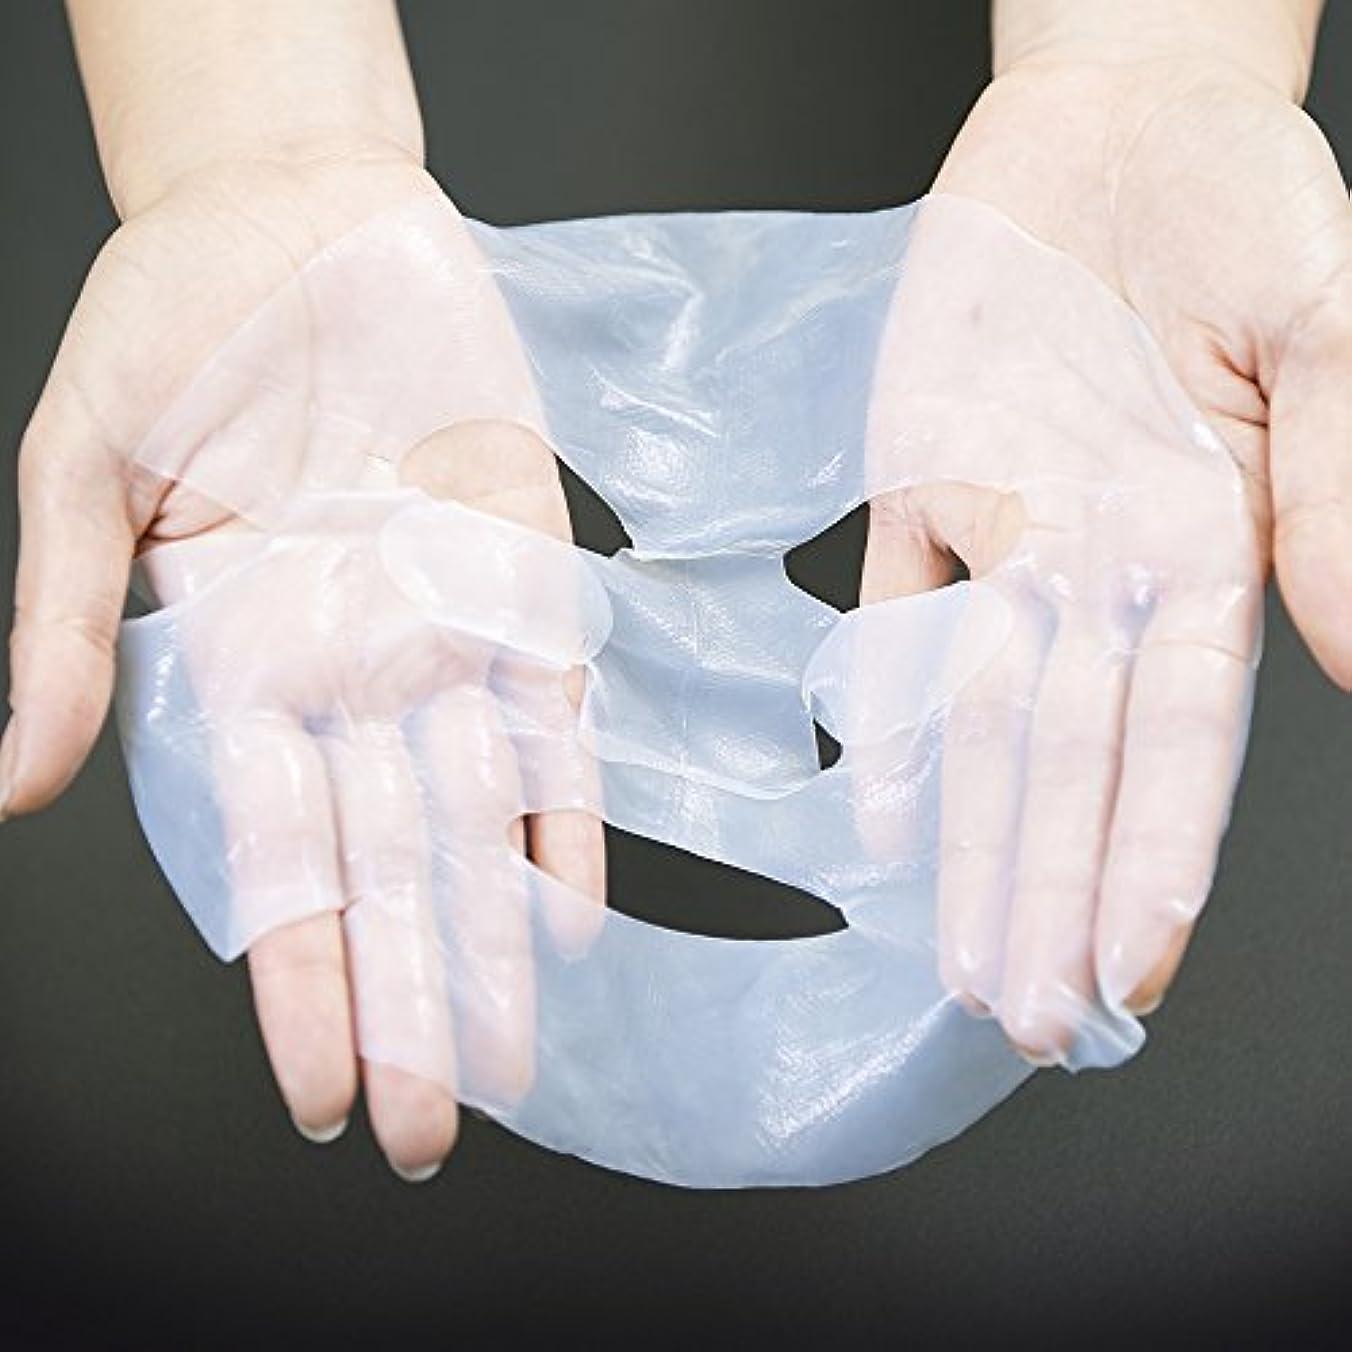 味アラート人気ヒト幹細胞化粧品 ディアガイア フェイスパック 5枚セット